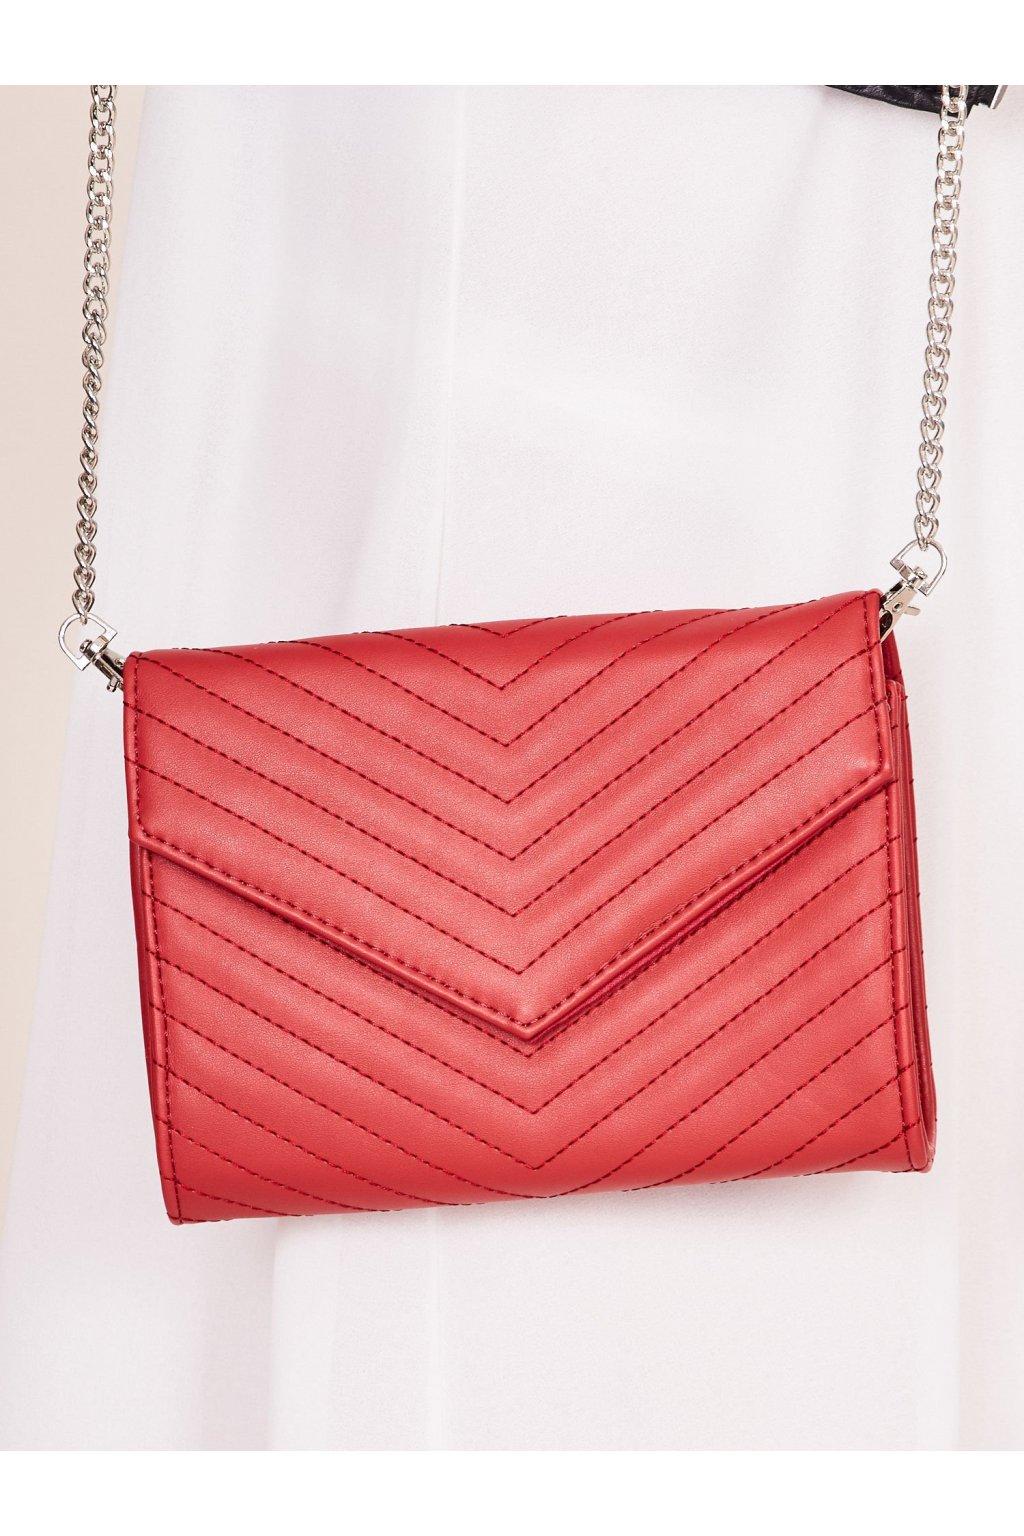 Listová kabelka červená NJSK YP-TR-dx4208.66